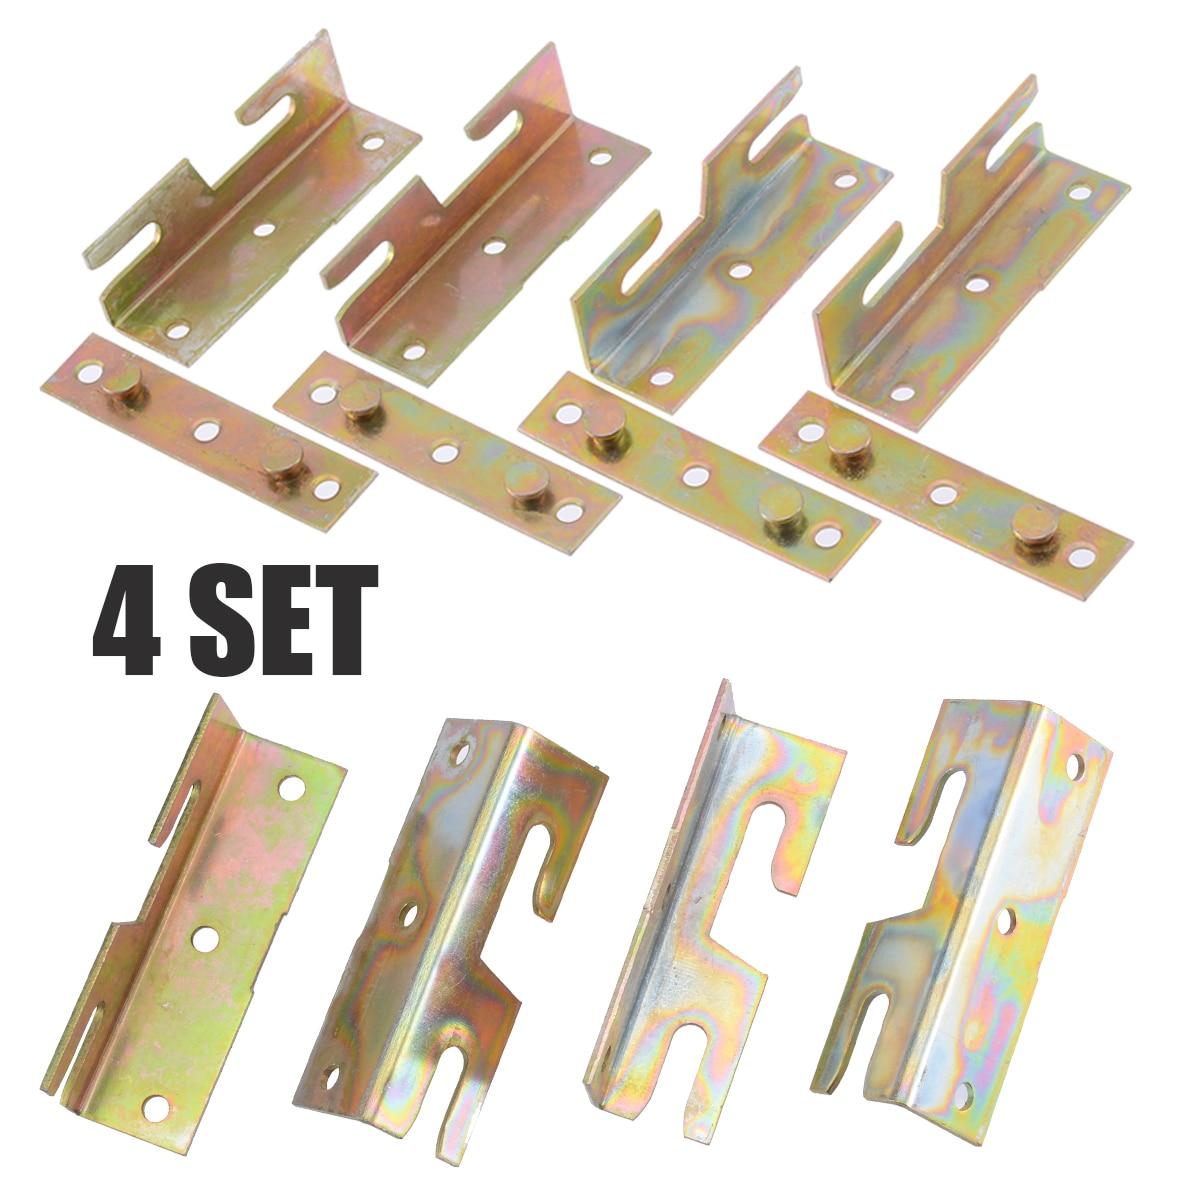 4 Set latón conexión esquina de la cama tono muebles de cama de madera de gancho de riel de soporte de conectores rápidos